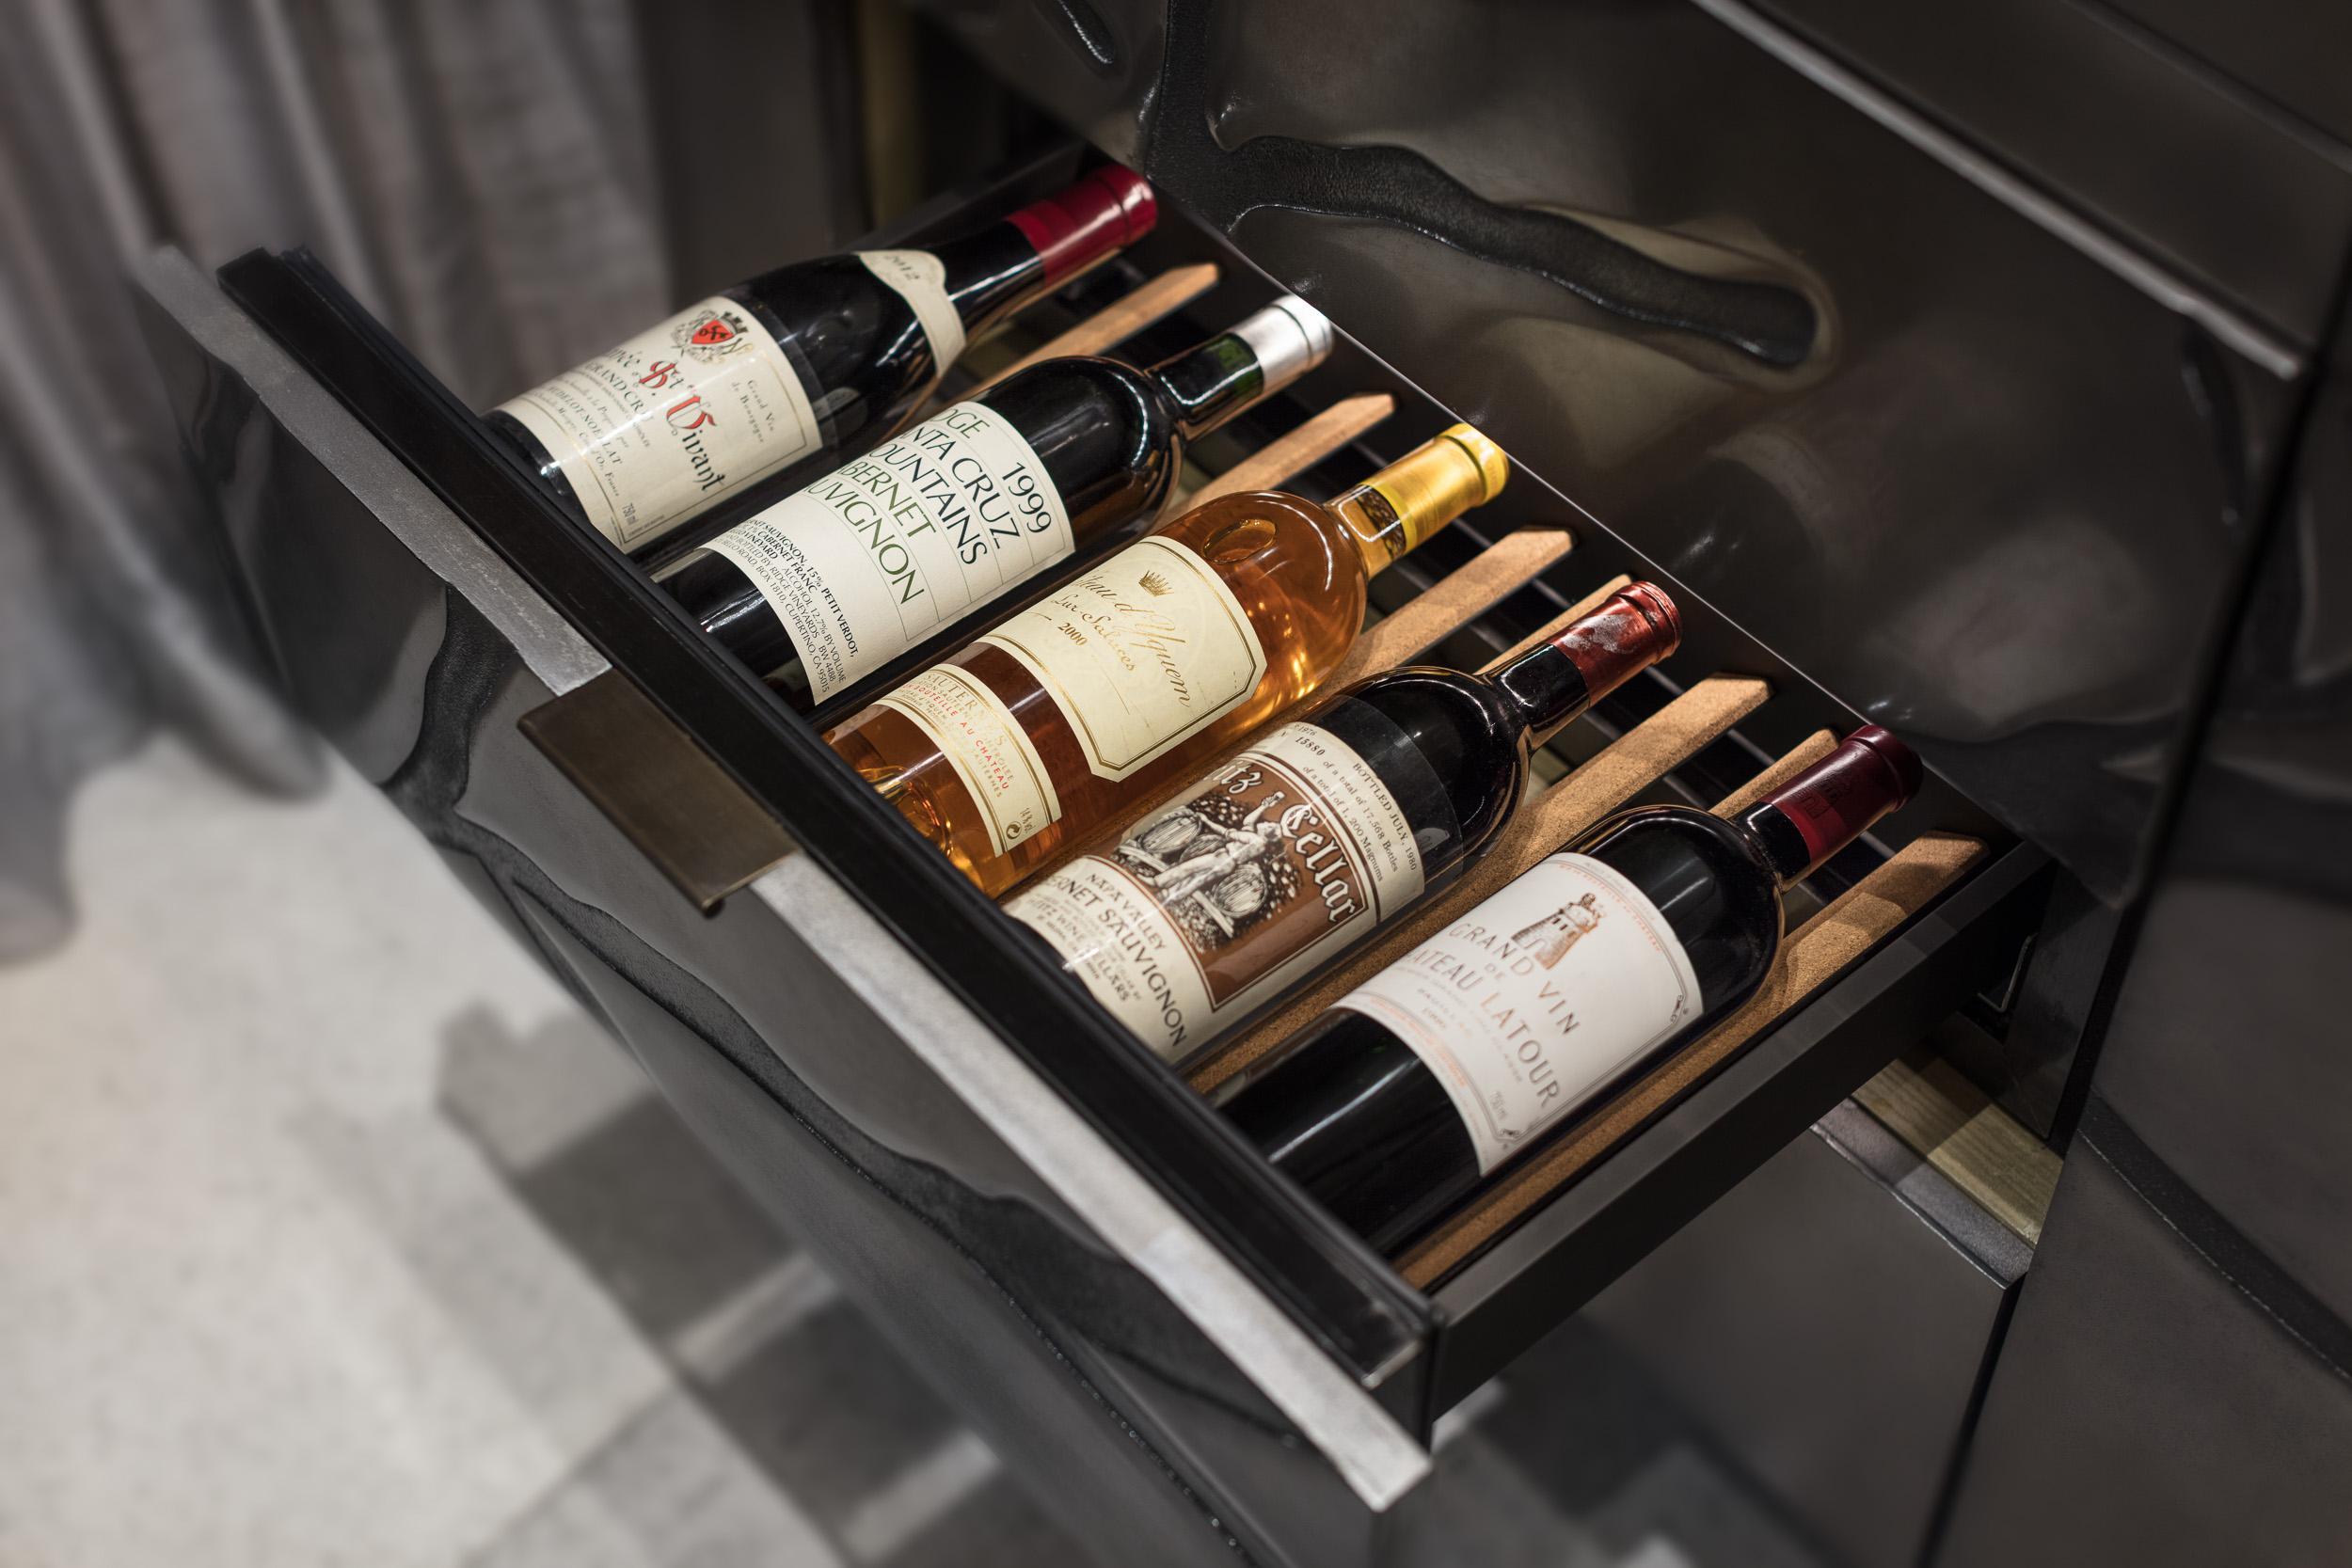 sensis_thelandmarkmandarinoriental_hongkong_winecellar